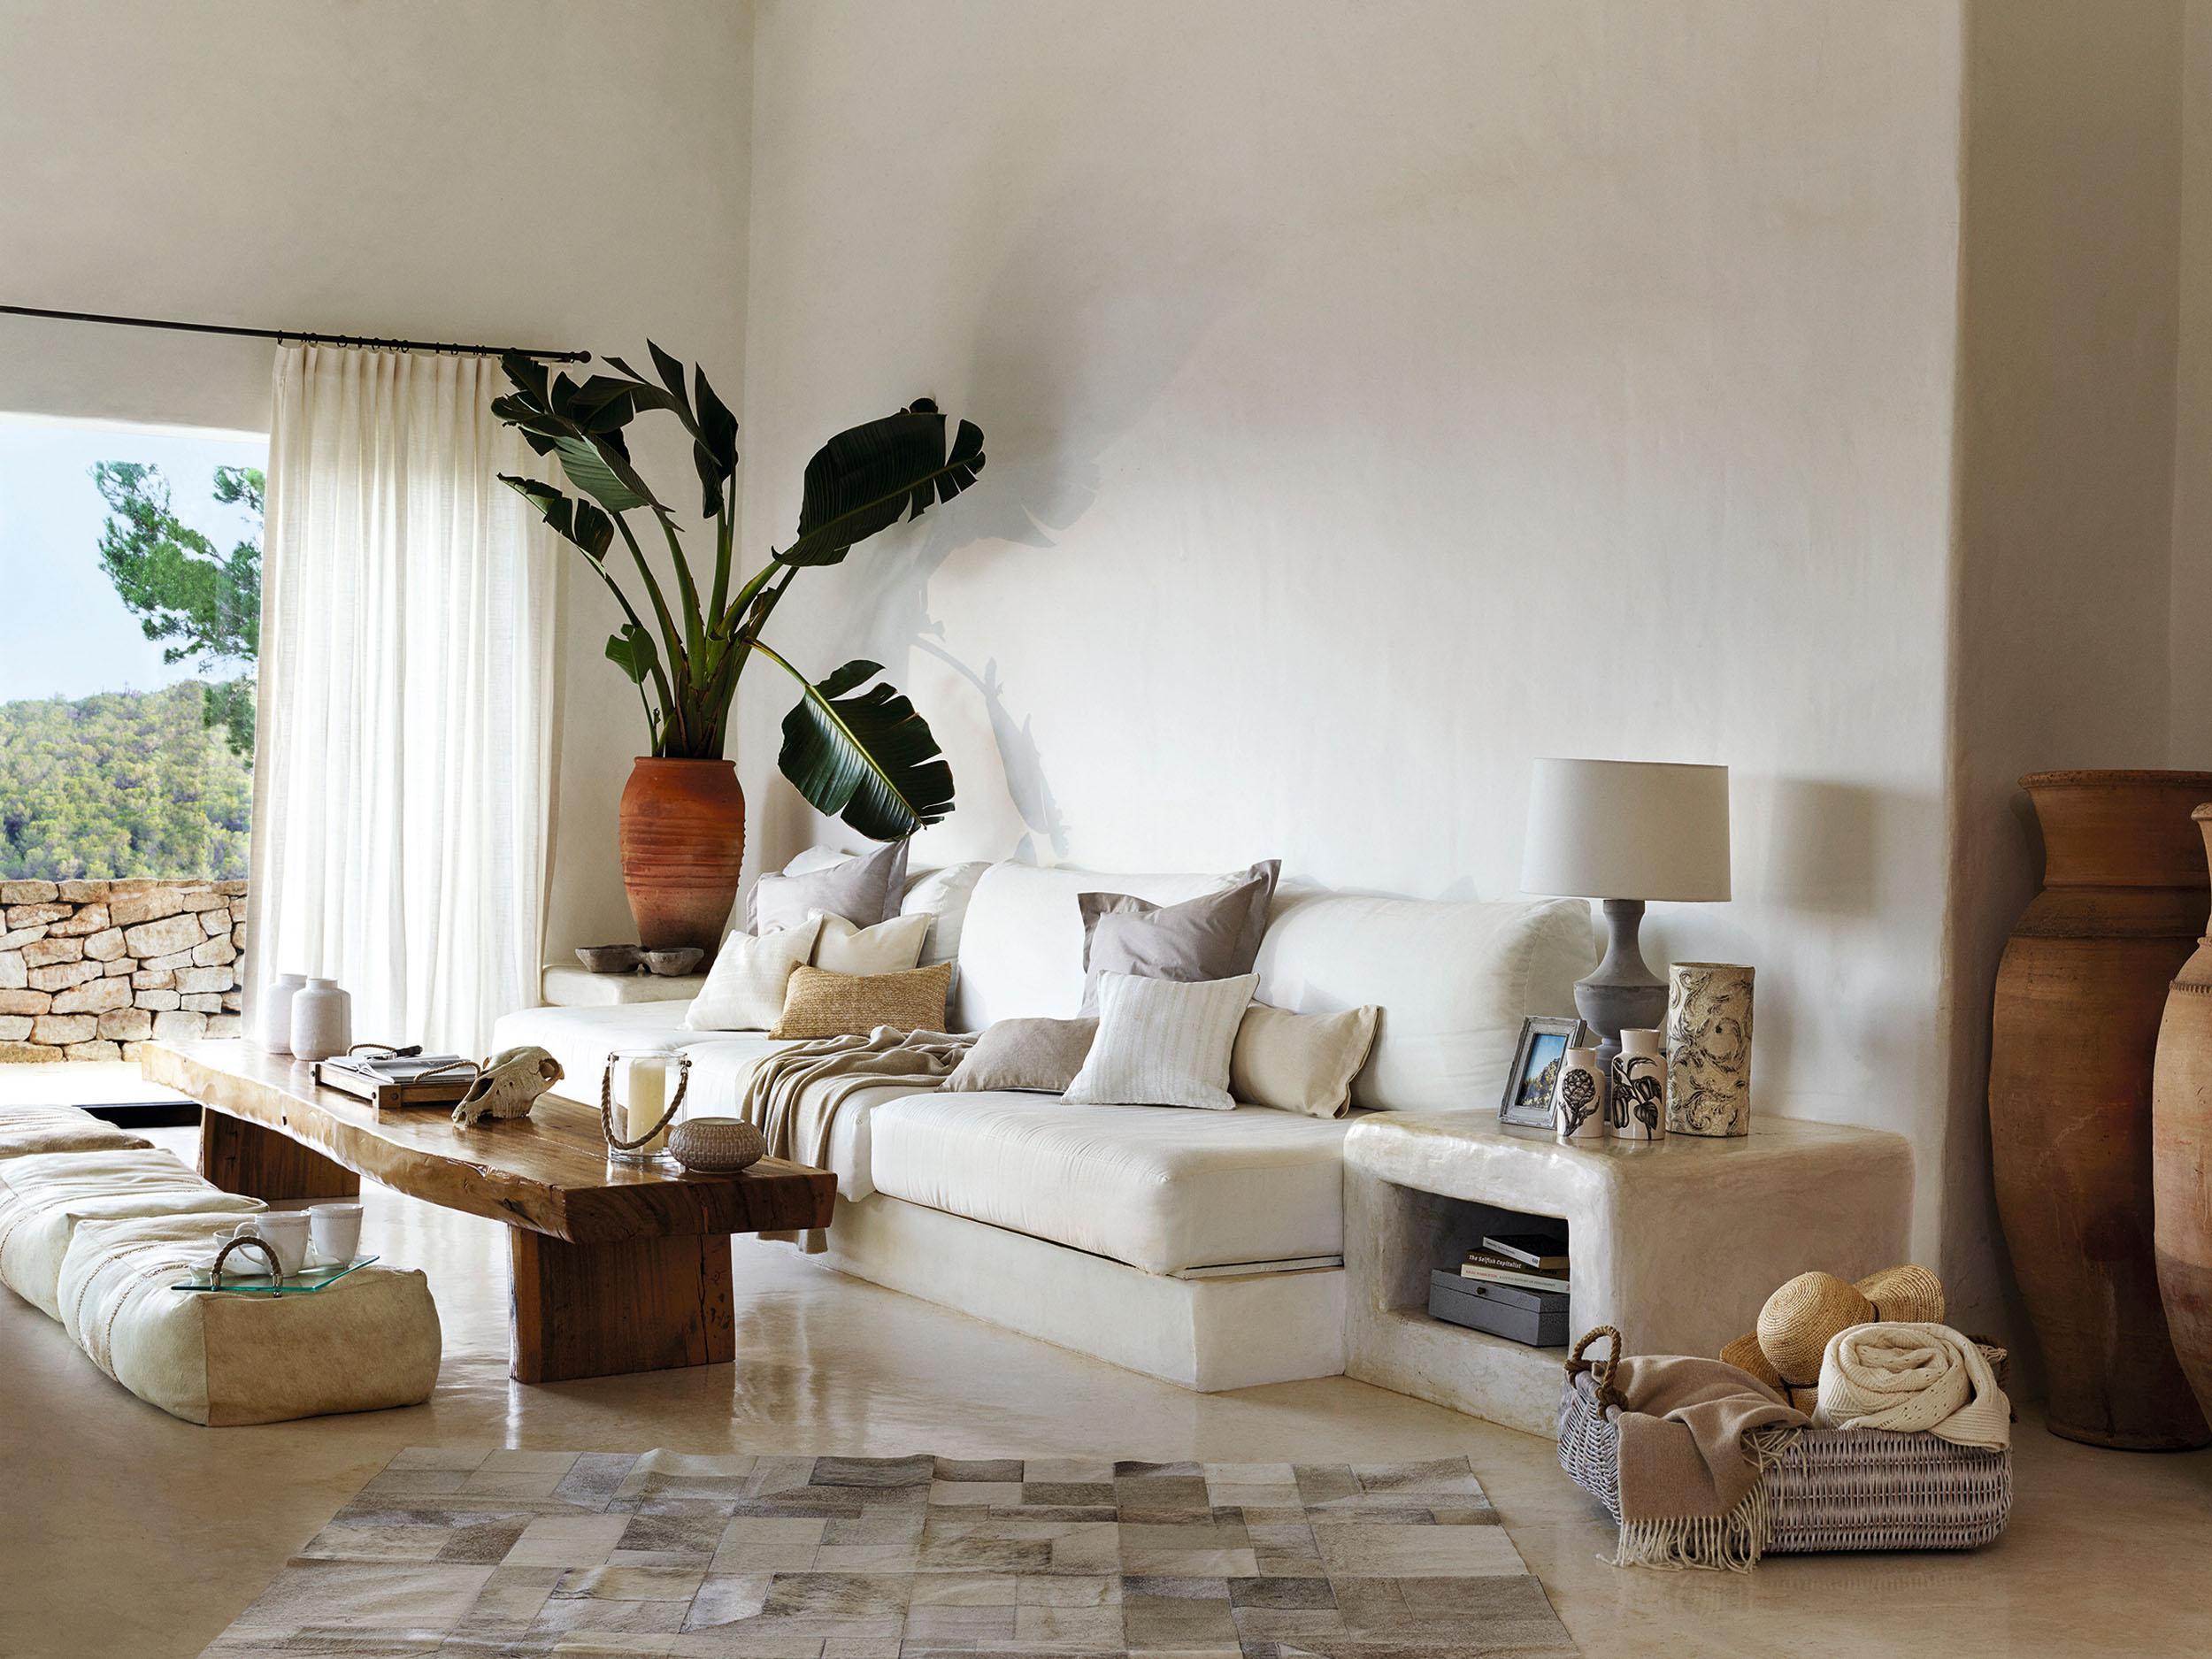 Wohnzimmer deko mediterran